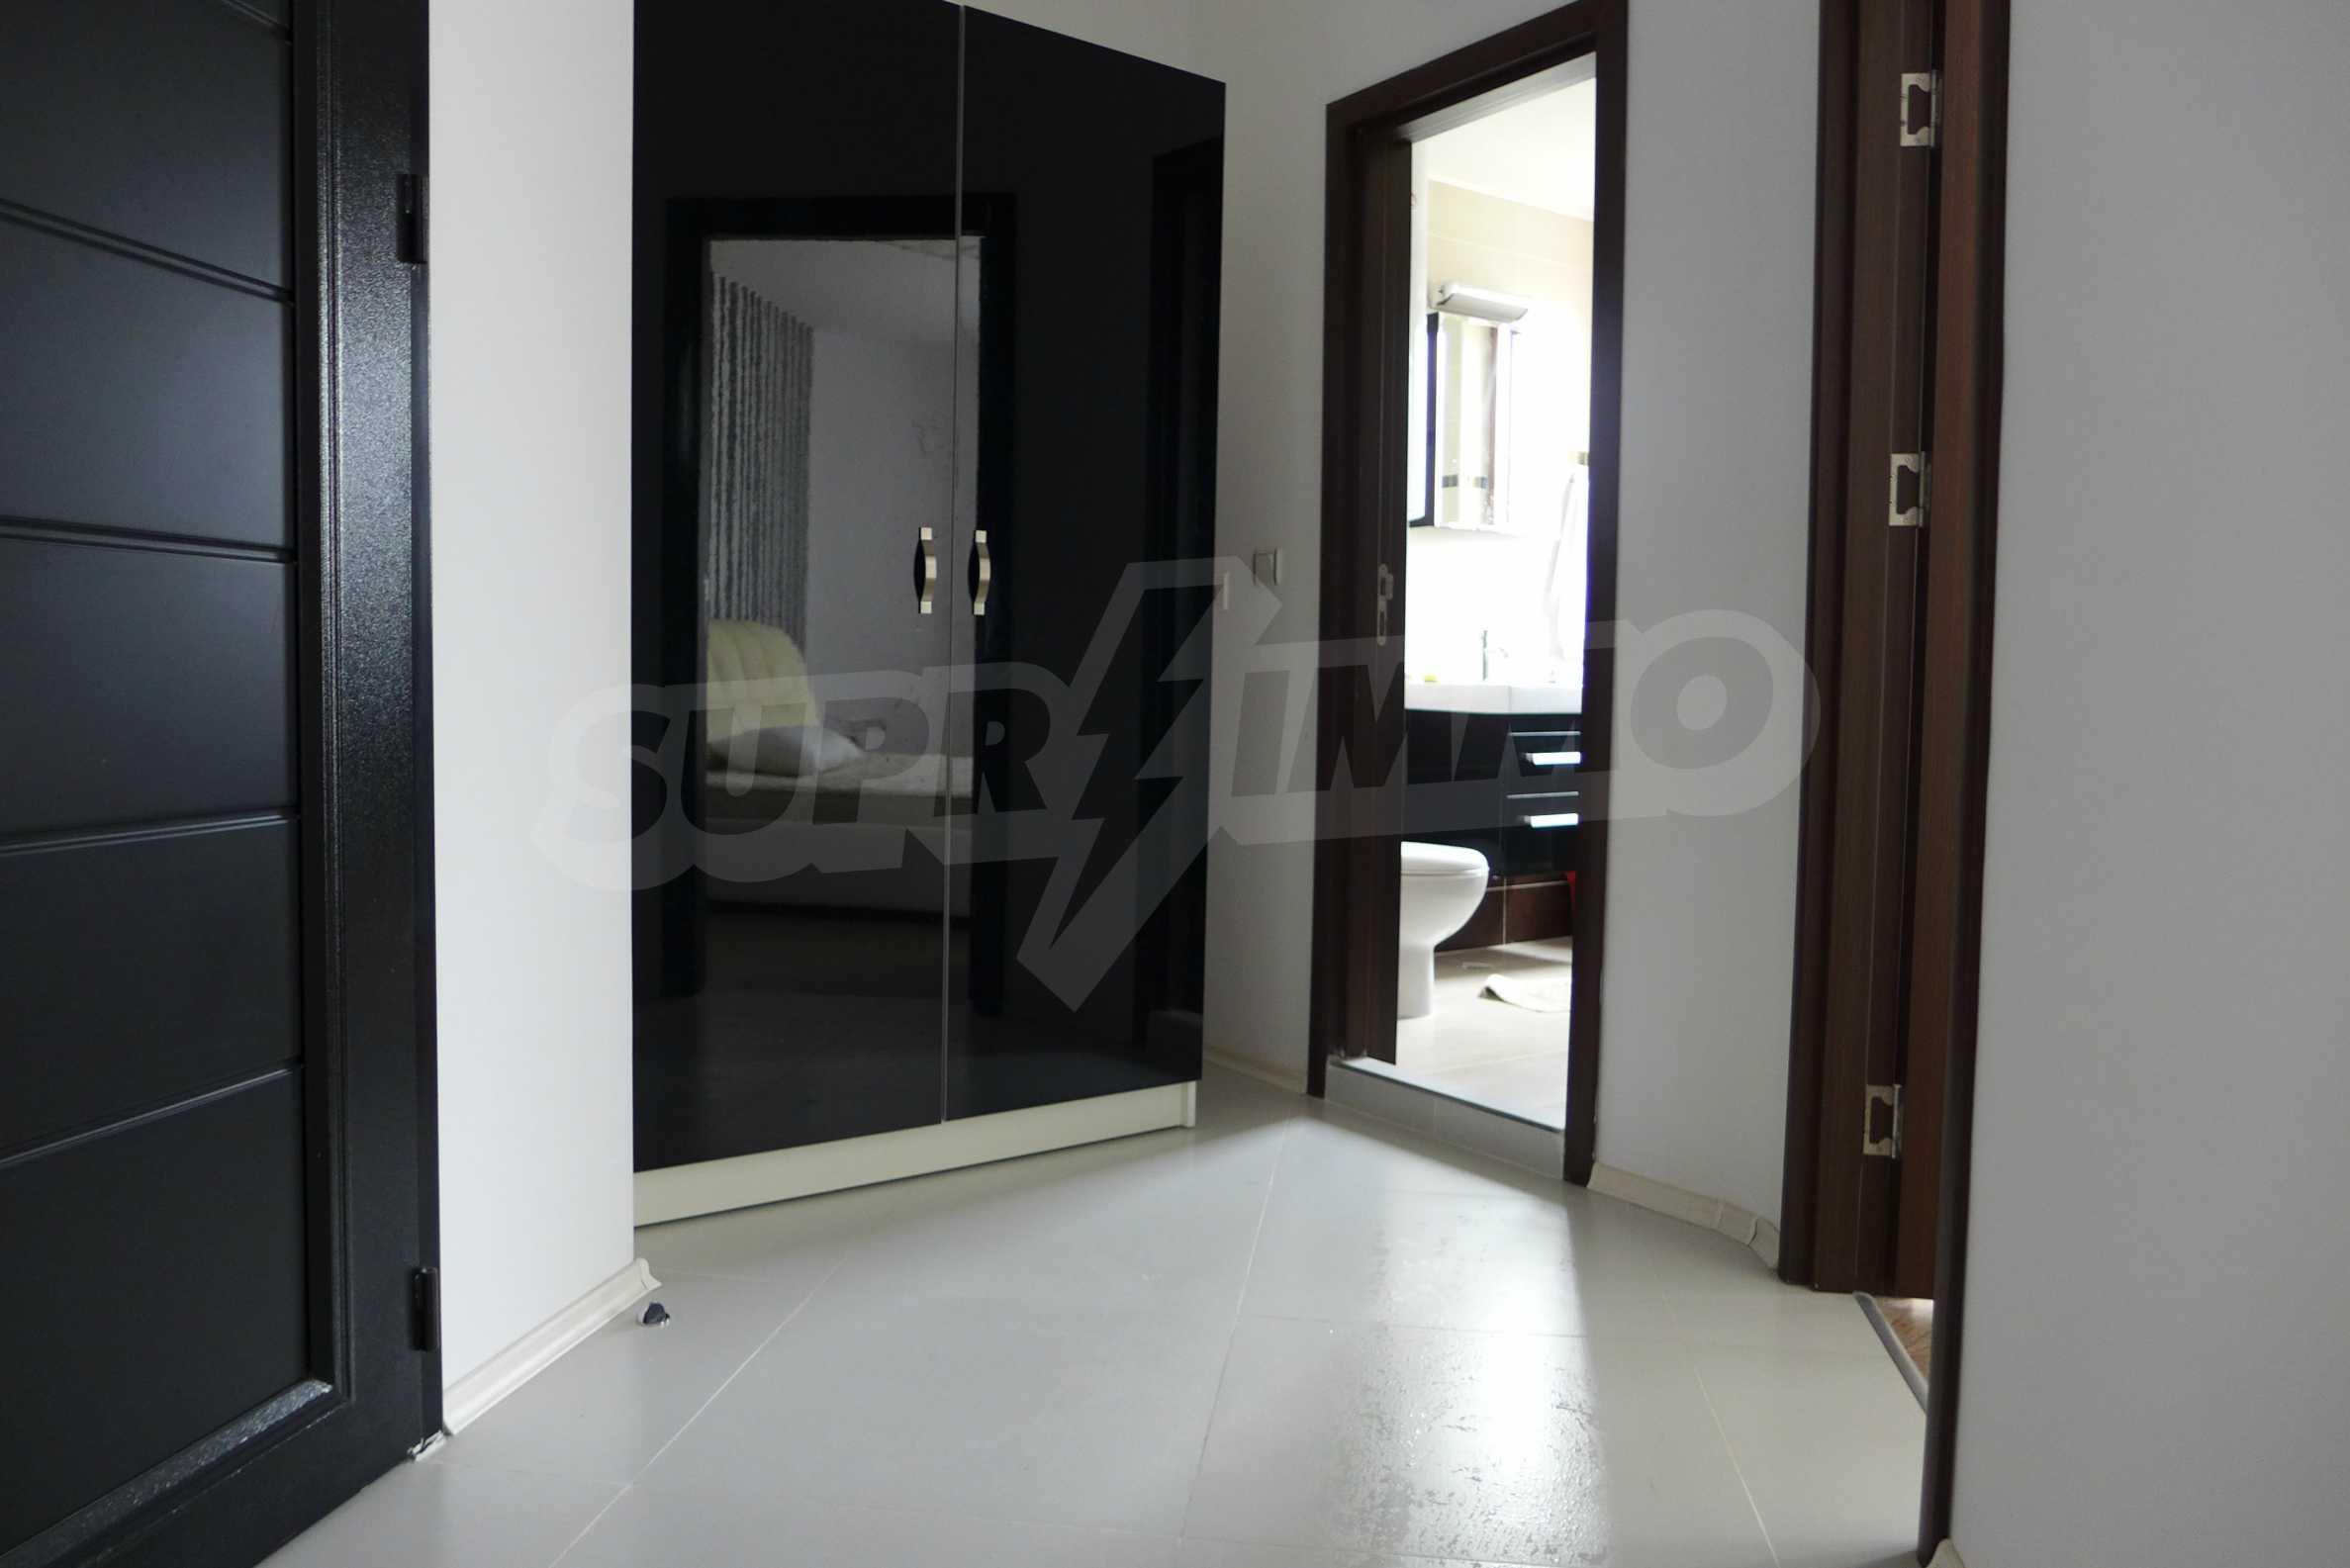 Möblierte Wohnung mit einem Schlafzimmer in Rich Komplex 14